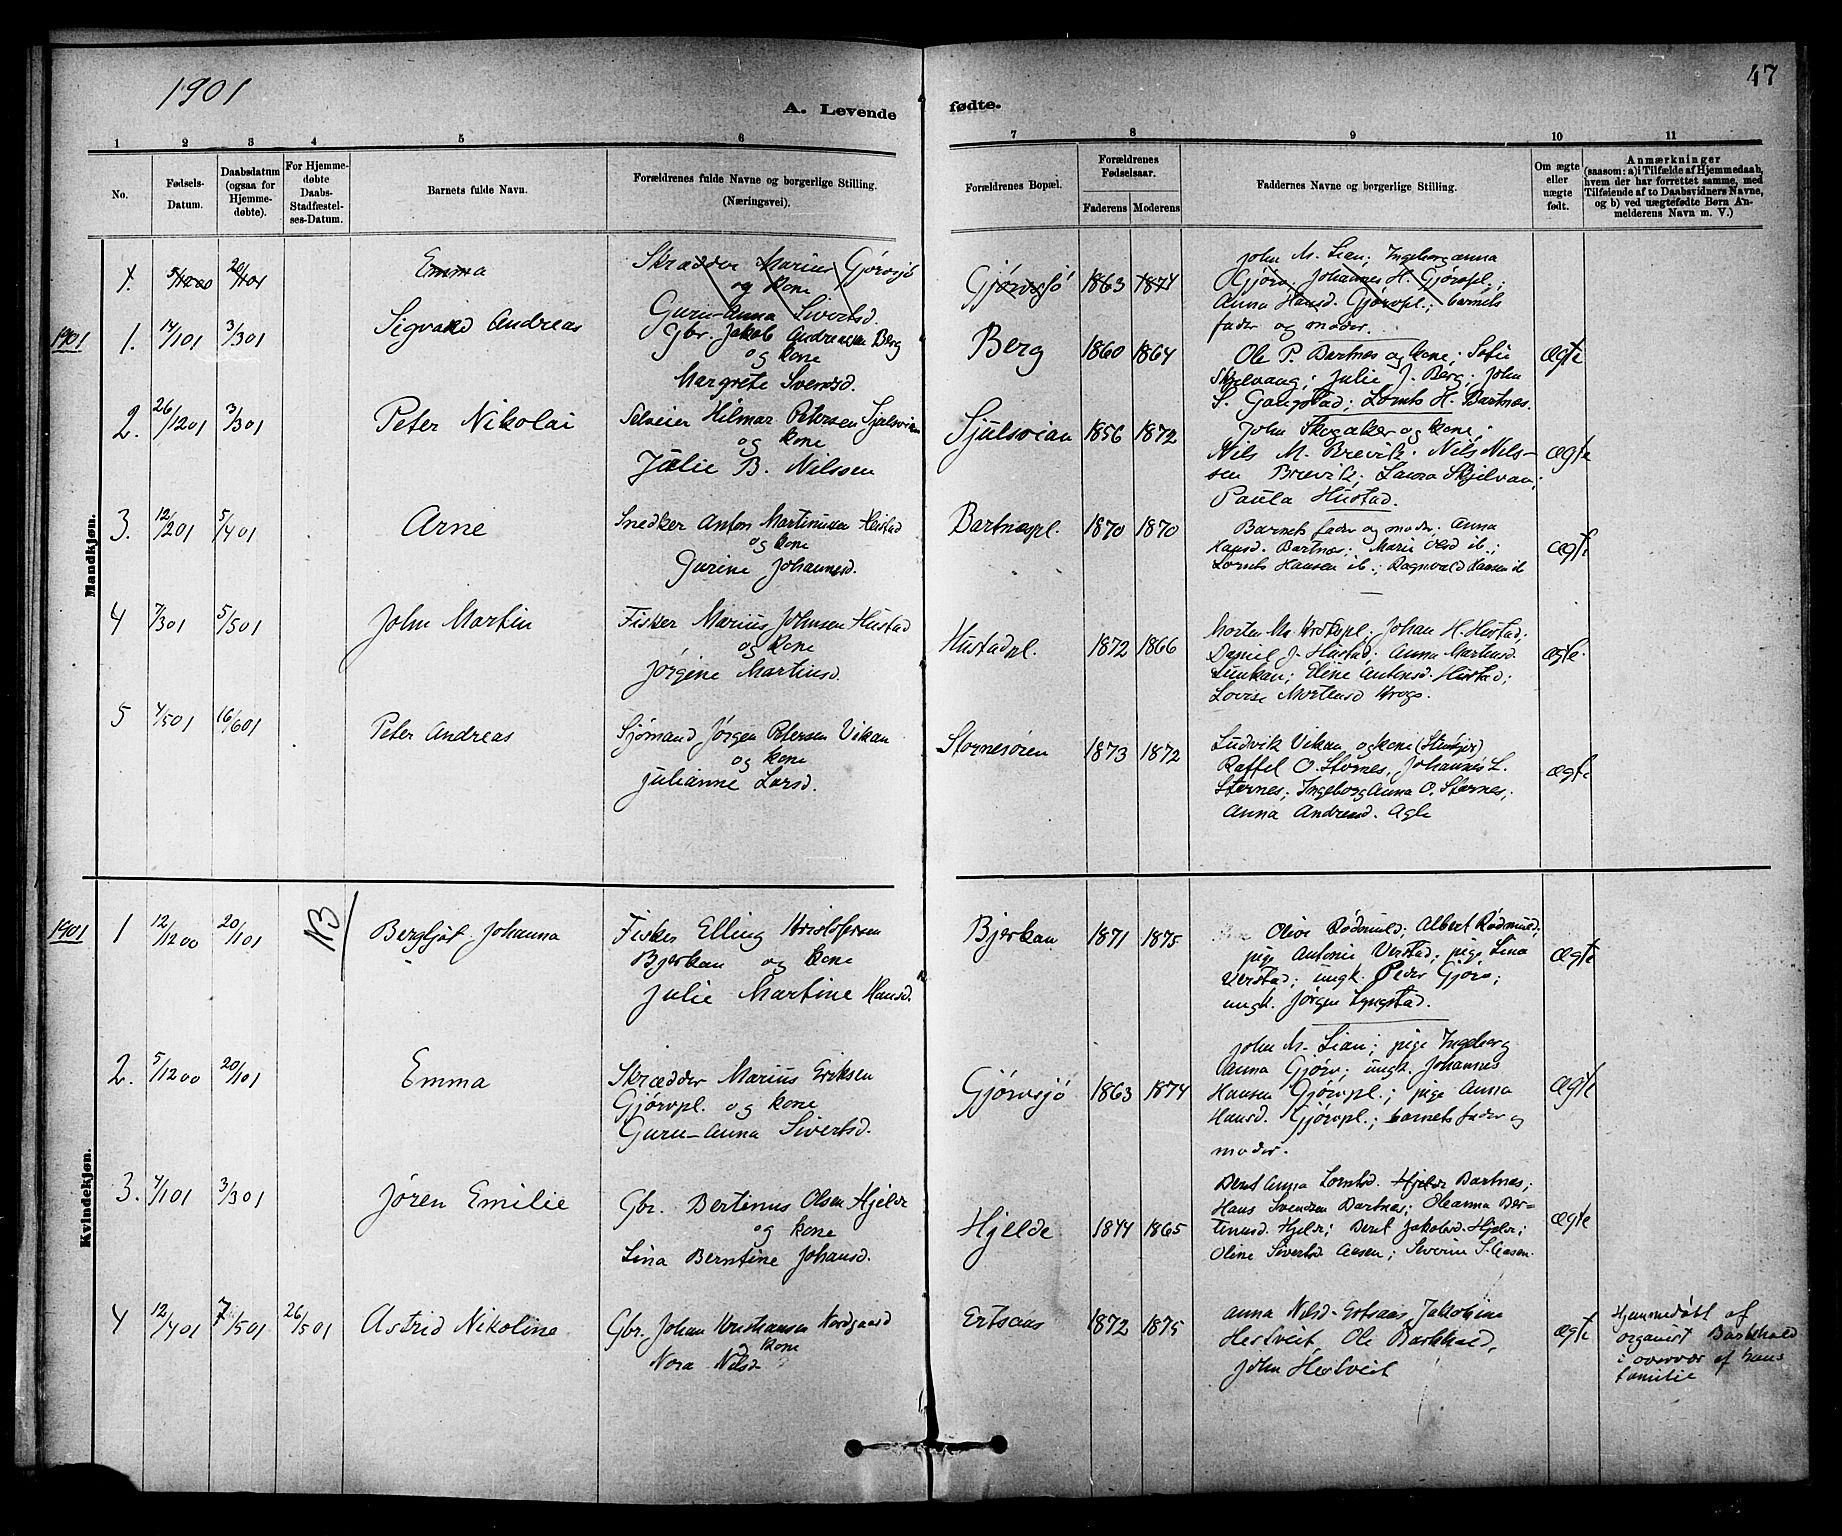 SAT, Ministerialprotokoller, klokkerbøker og fødselsregistre - Nord-Trøndelag, 732/L0318: Klokkerbok nr. 732C02, 1881-1911, s. 47